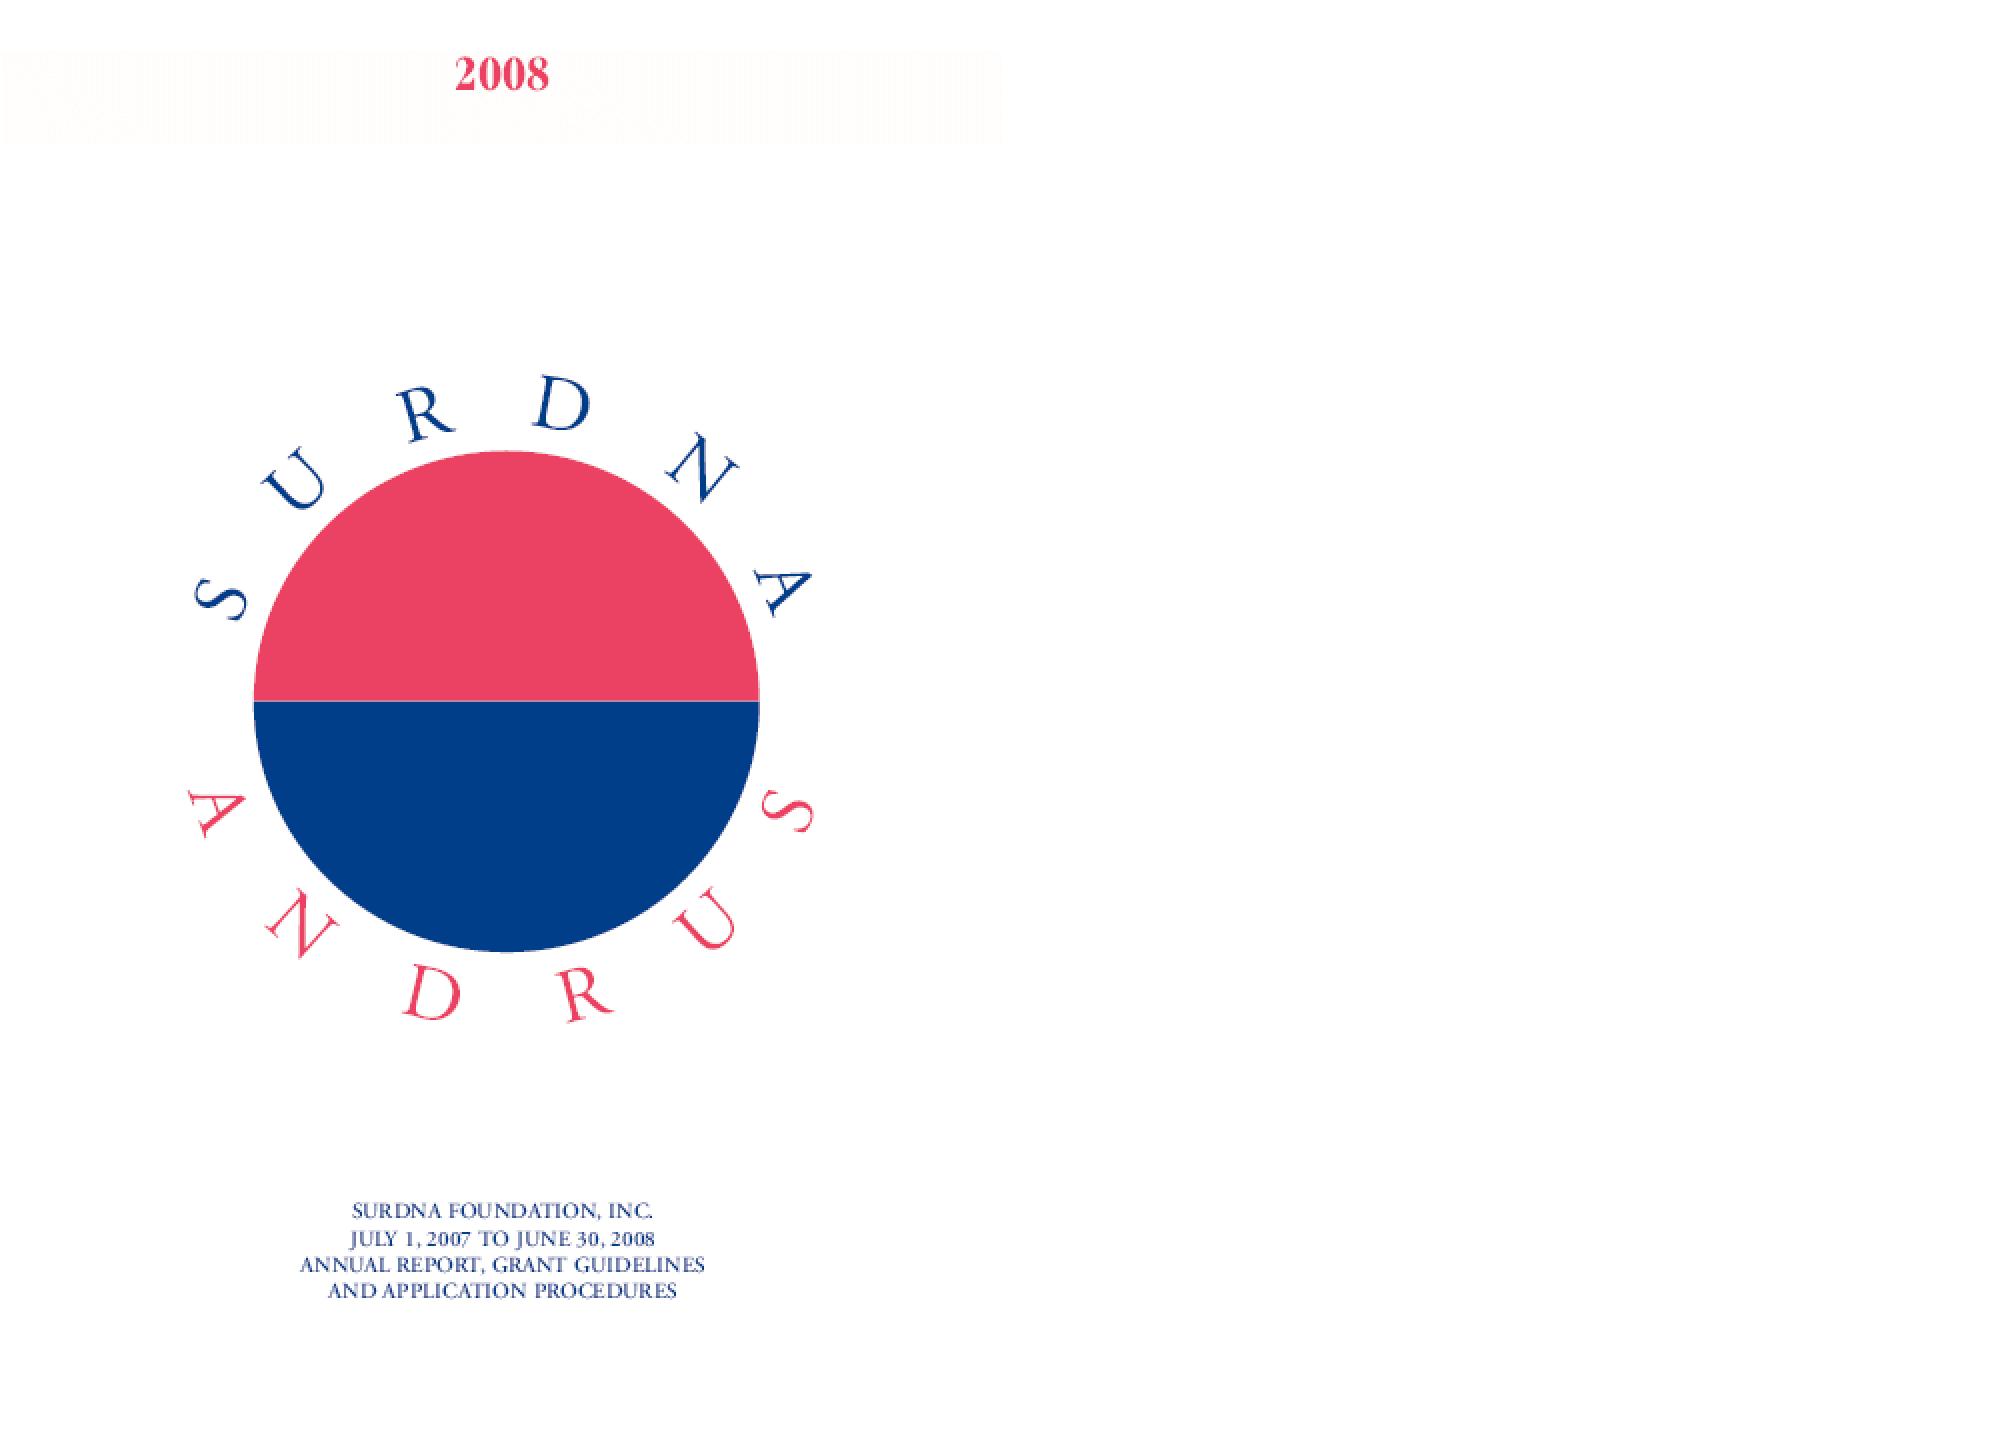 Surdna Foundation - 2008 Annual Report